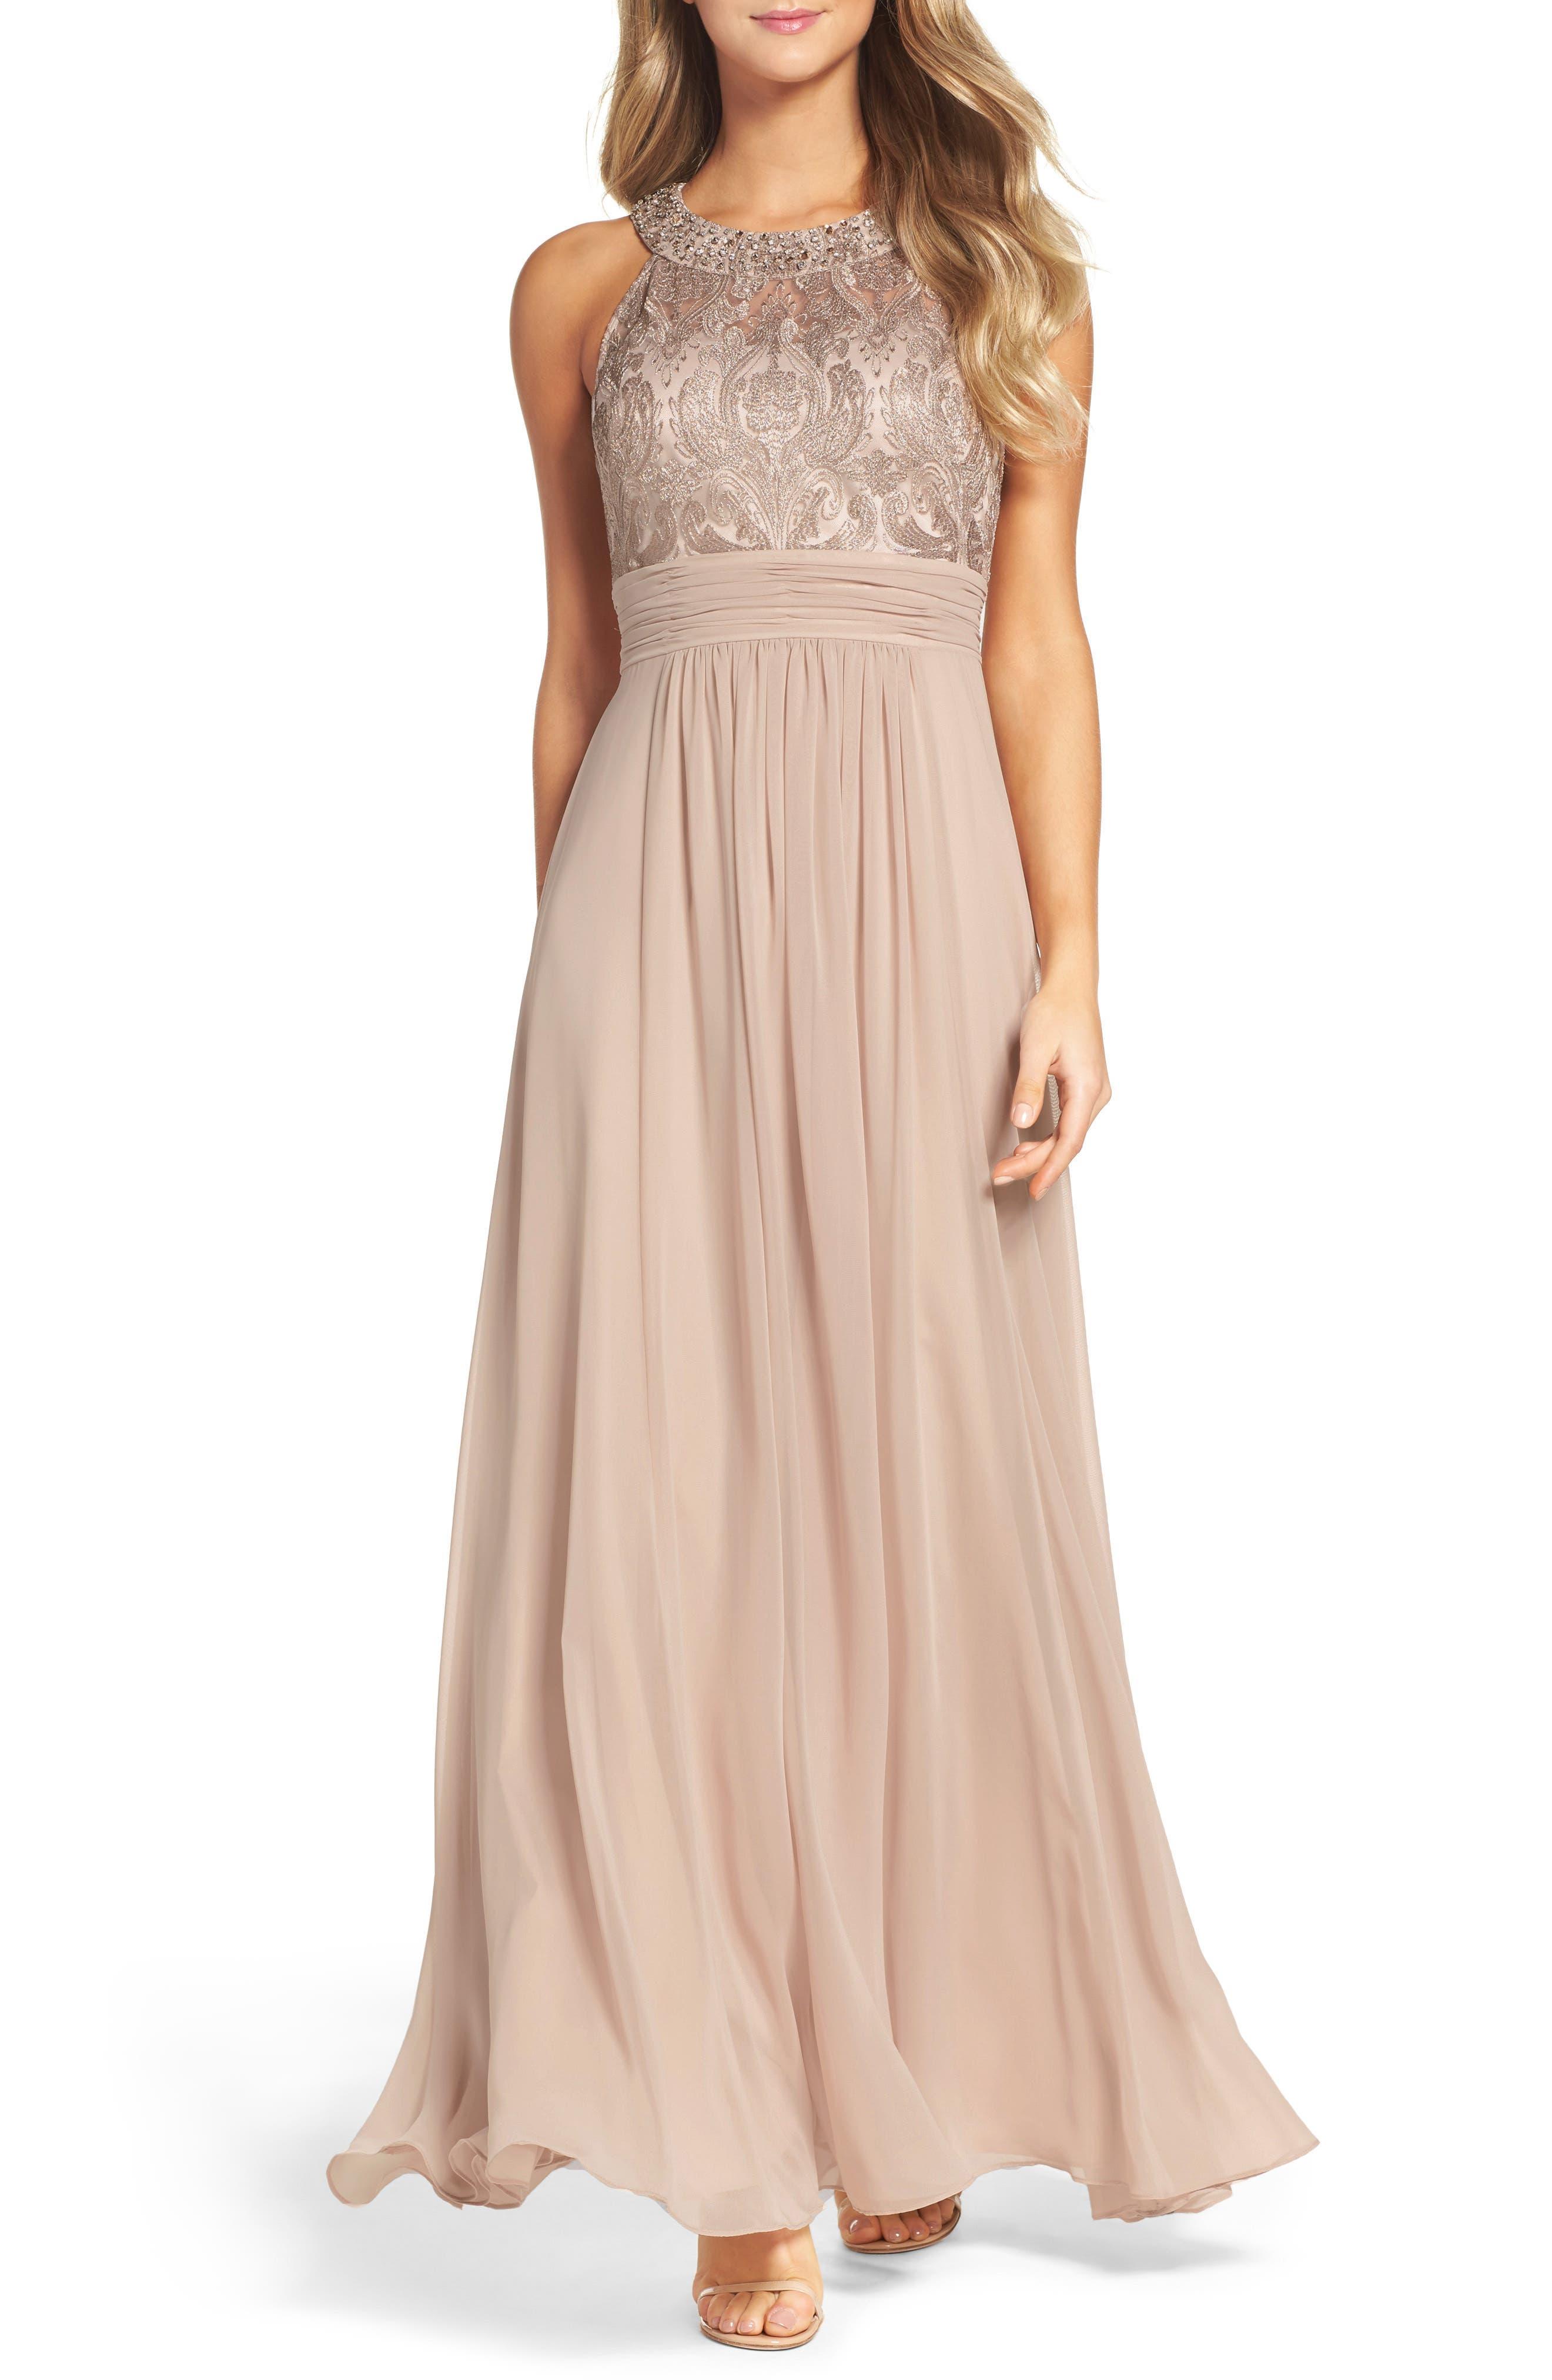 Lace Women's Dresses